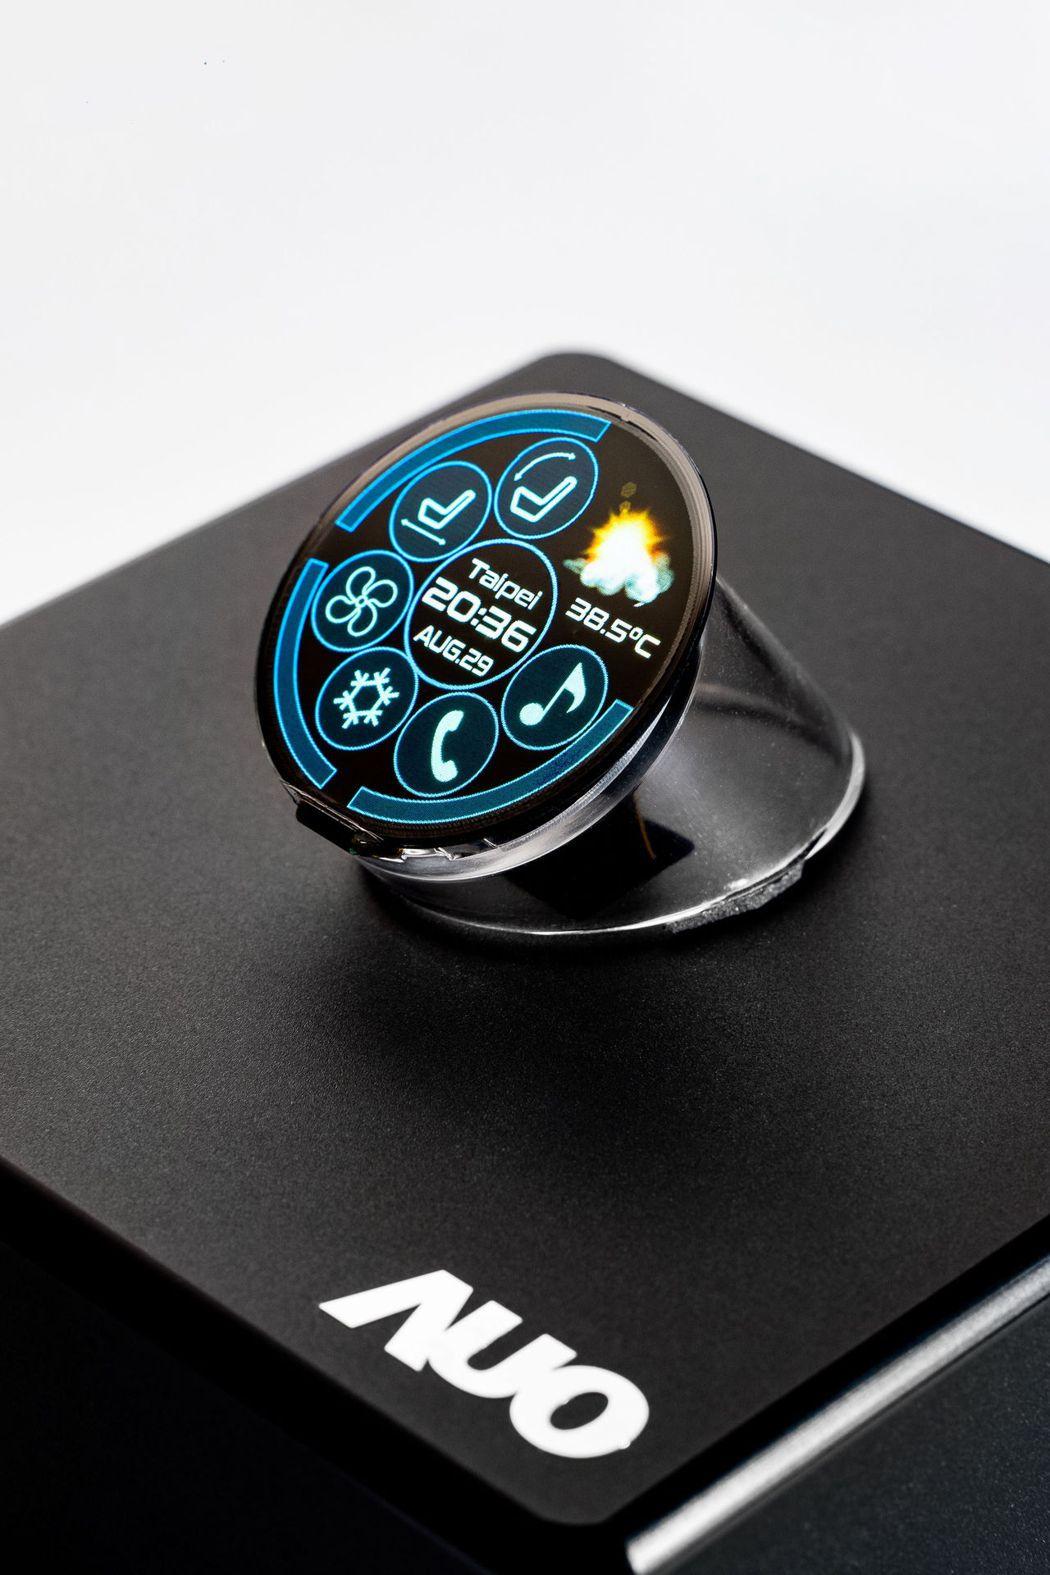 友達與錼創合作展出1.39吋全球最高像素密度338PPI正圓形Micro LED...